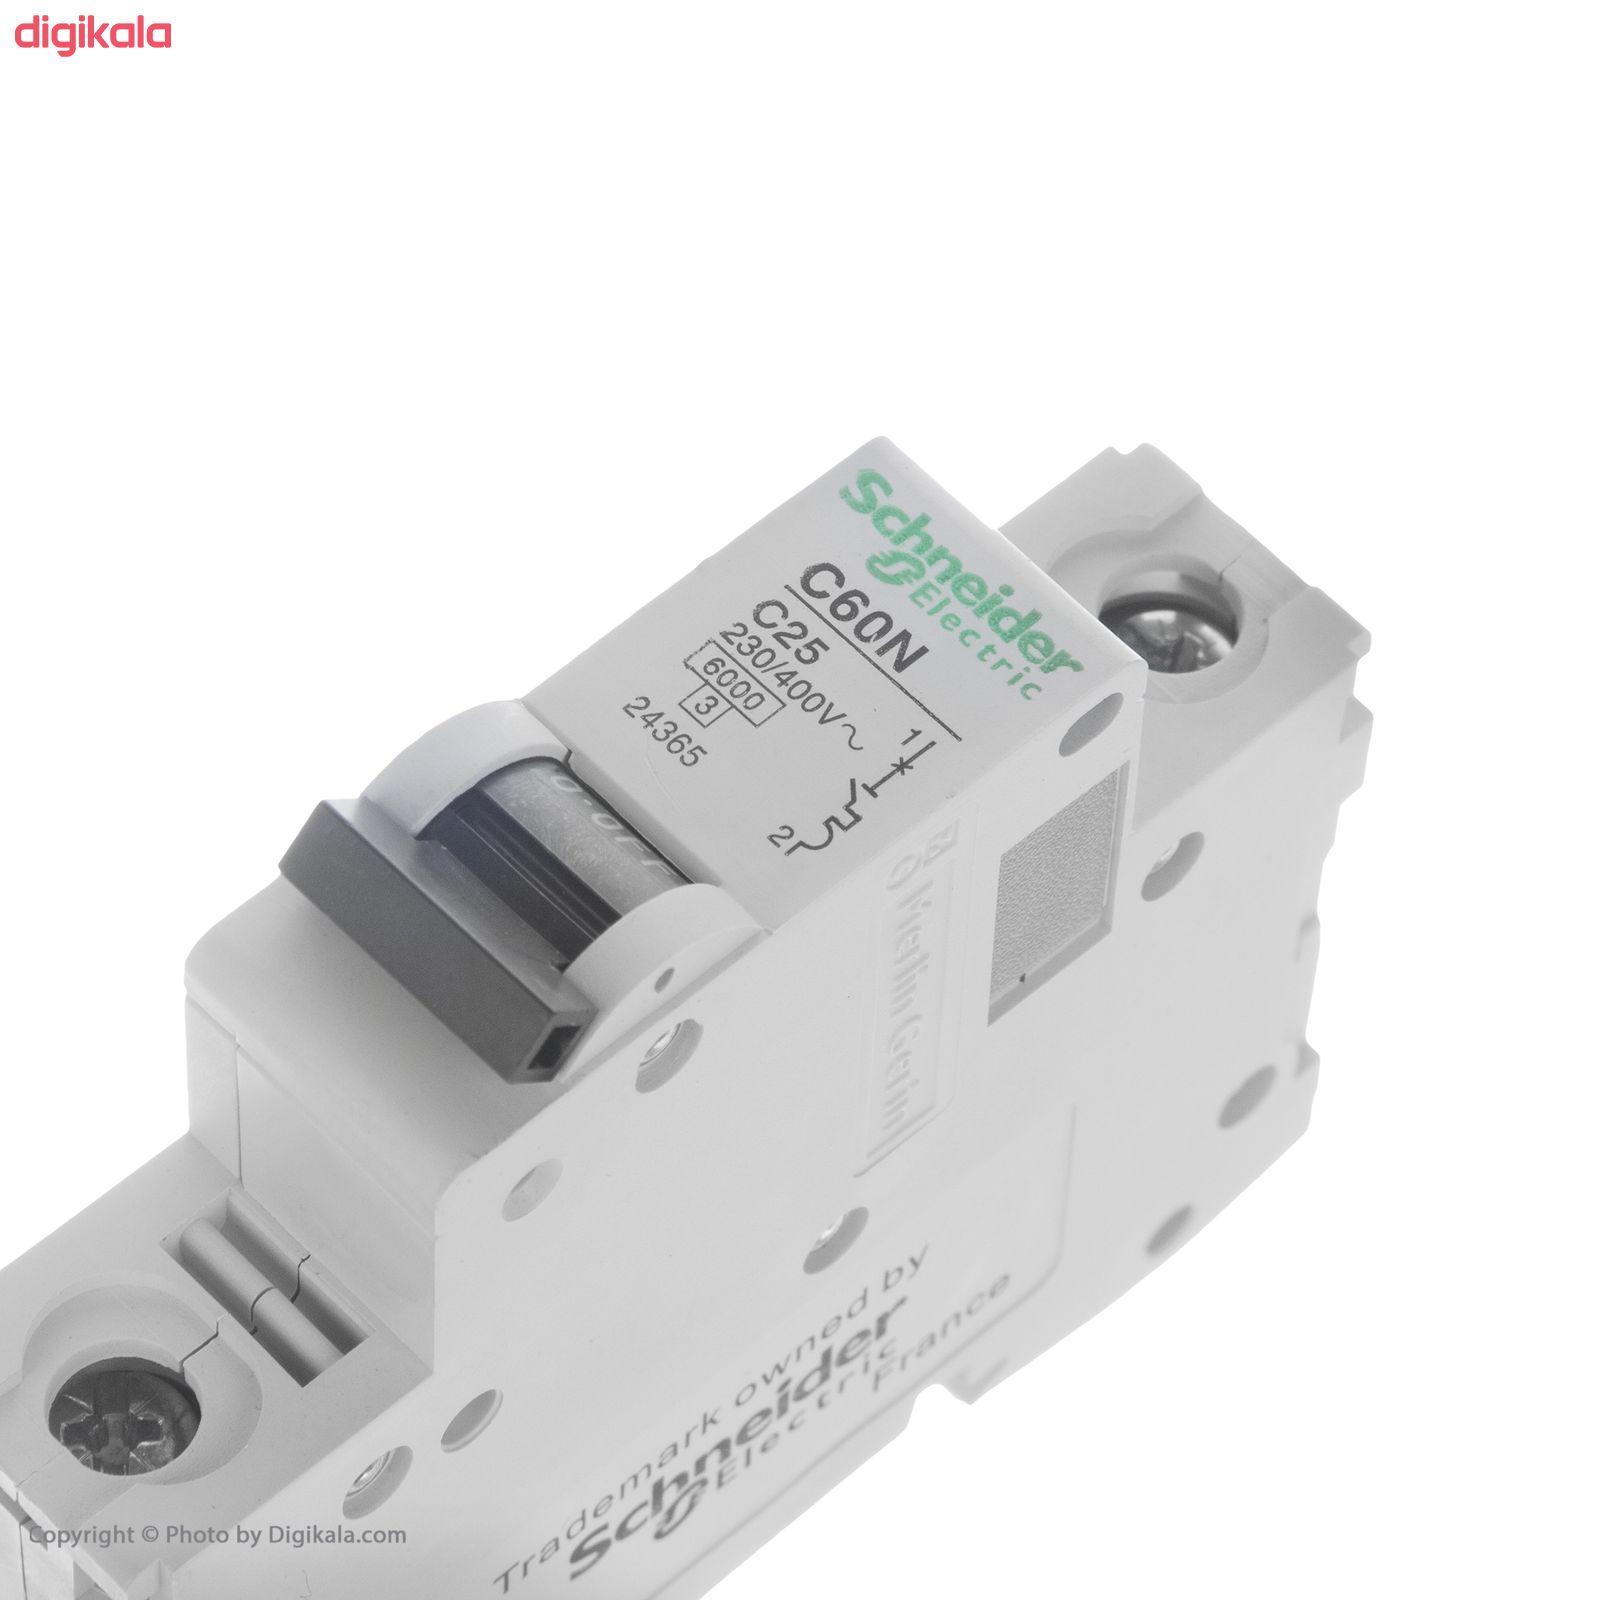 فیوز مینیاتوری تک فاز 25 آمپر اشنایدر الکتریک مدل C25 main 1 2